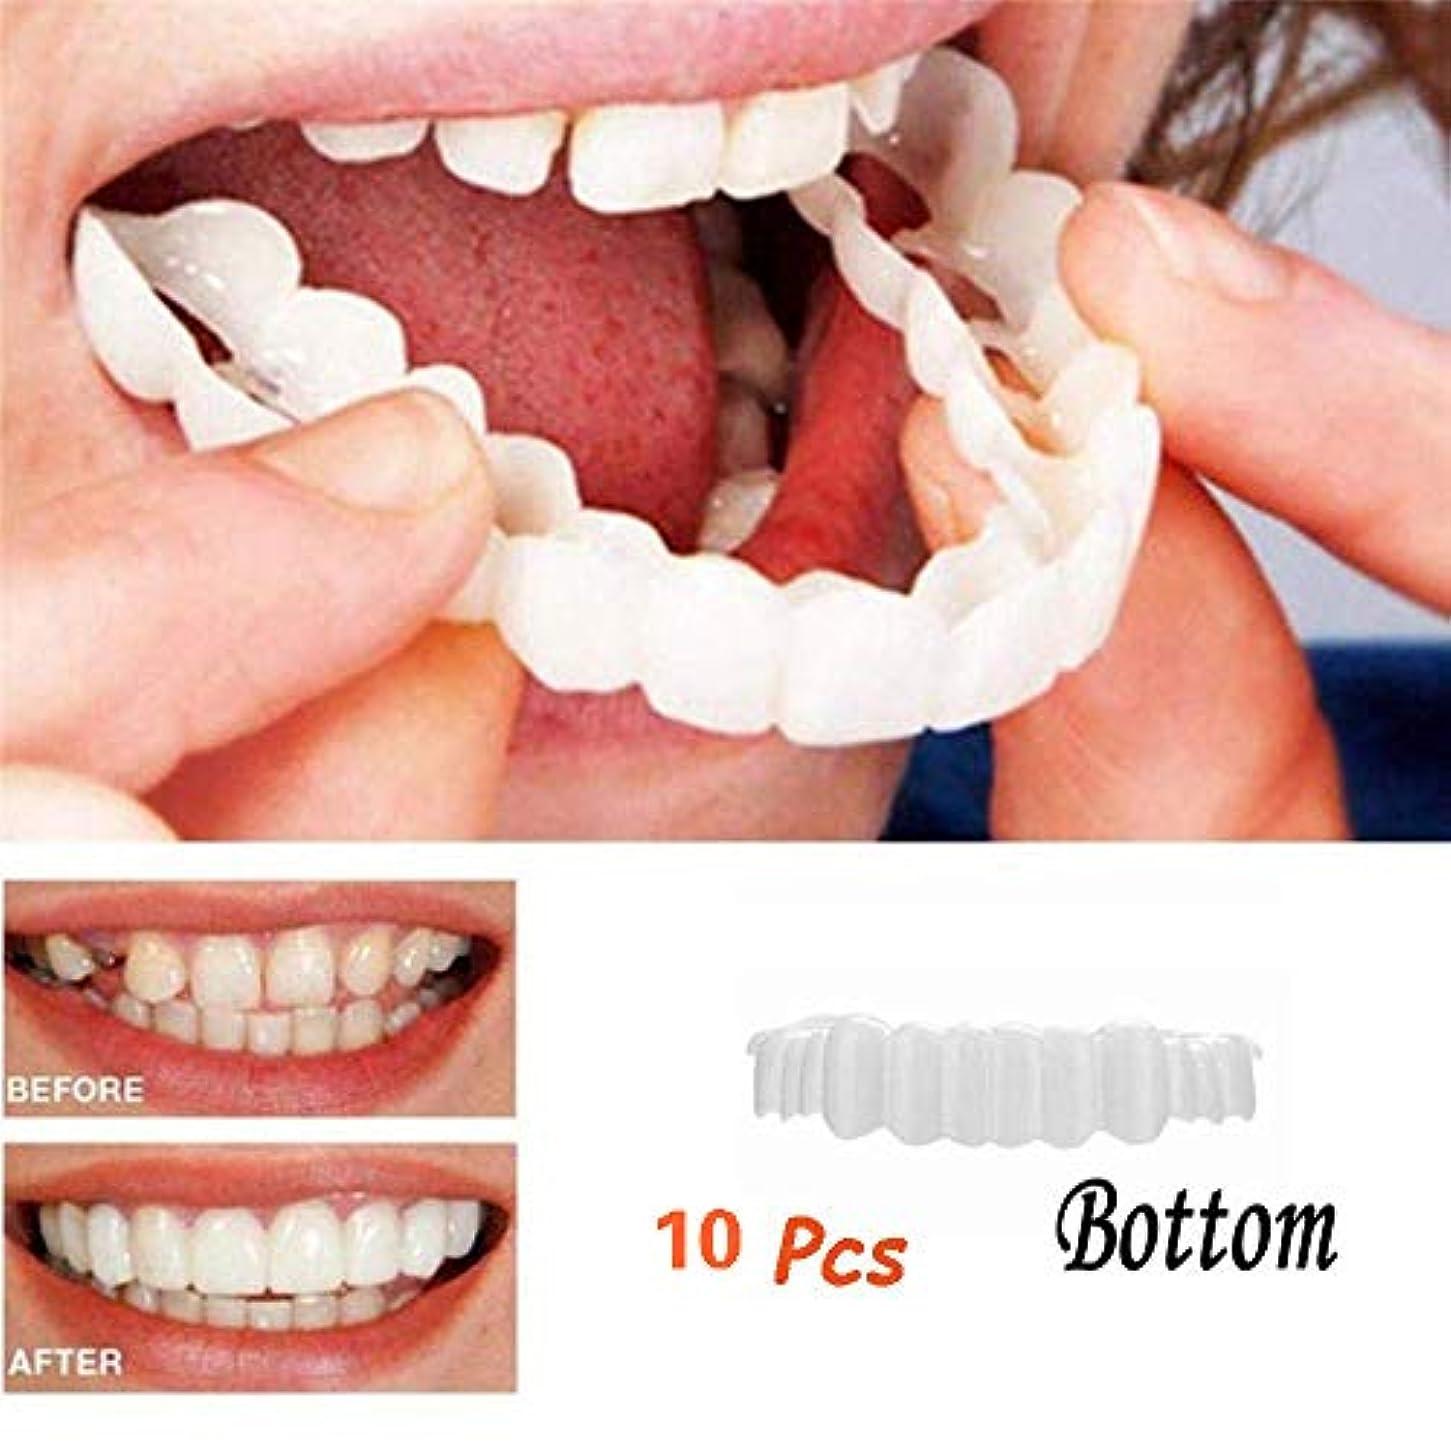 姿を消す凶暴なラフト10ピース化粧品歯化粧品歯科スナップインスタントパーフェクトスマイルコンフォートフィットフレックス歯白い歯カバーフィットほとんどの偽底歯